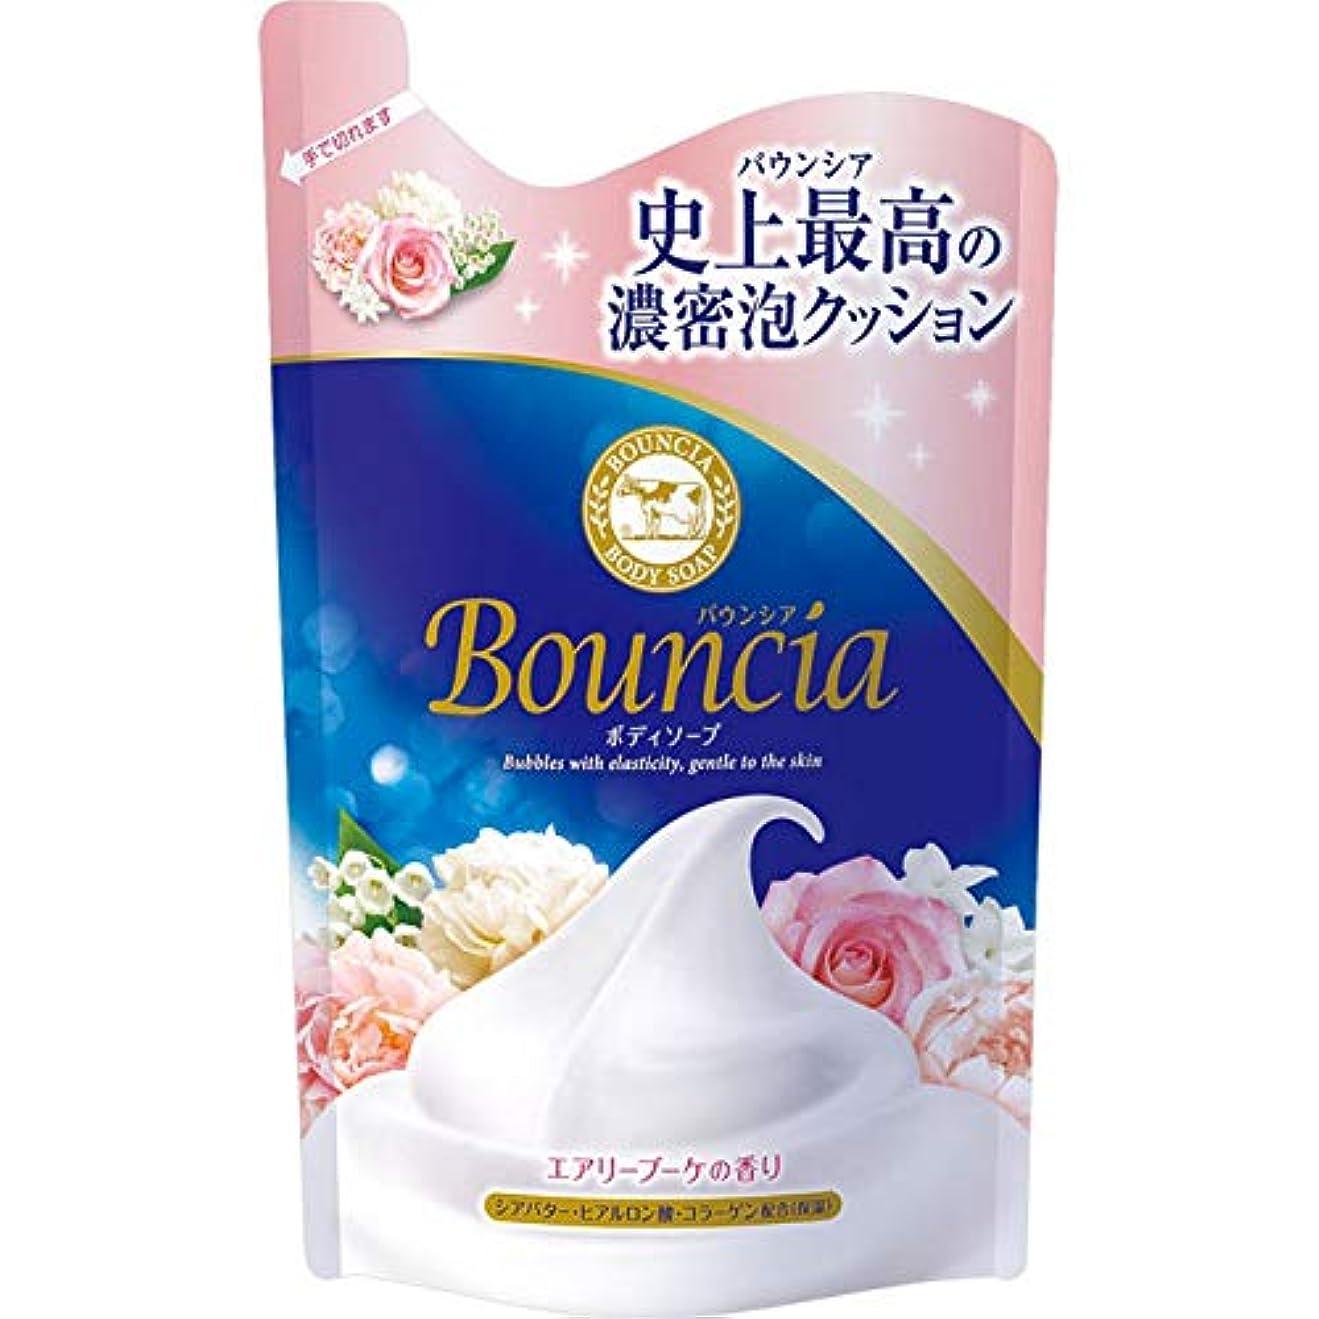 レンダリングどこか余分なバウンシアボディソープ エアリーブーケの香り 詰替用?400mL × 4個セット